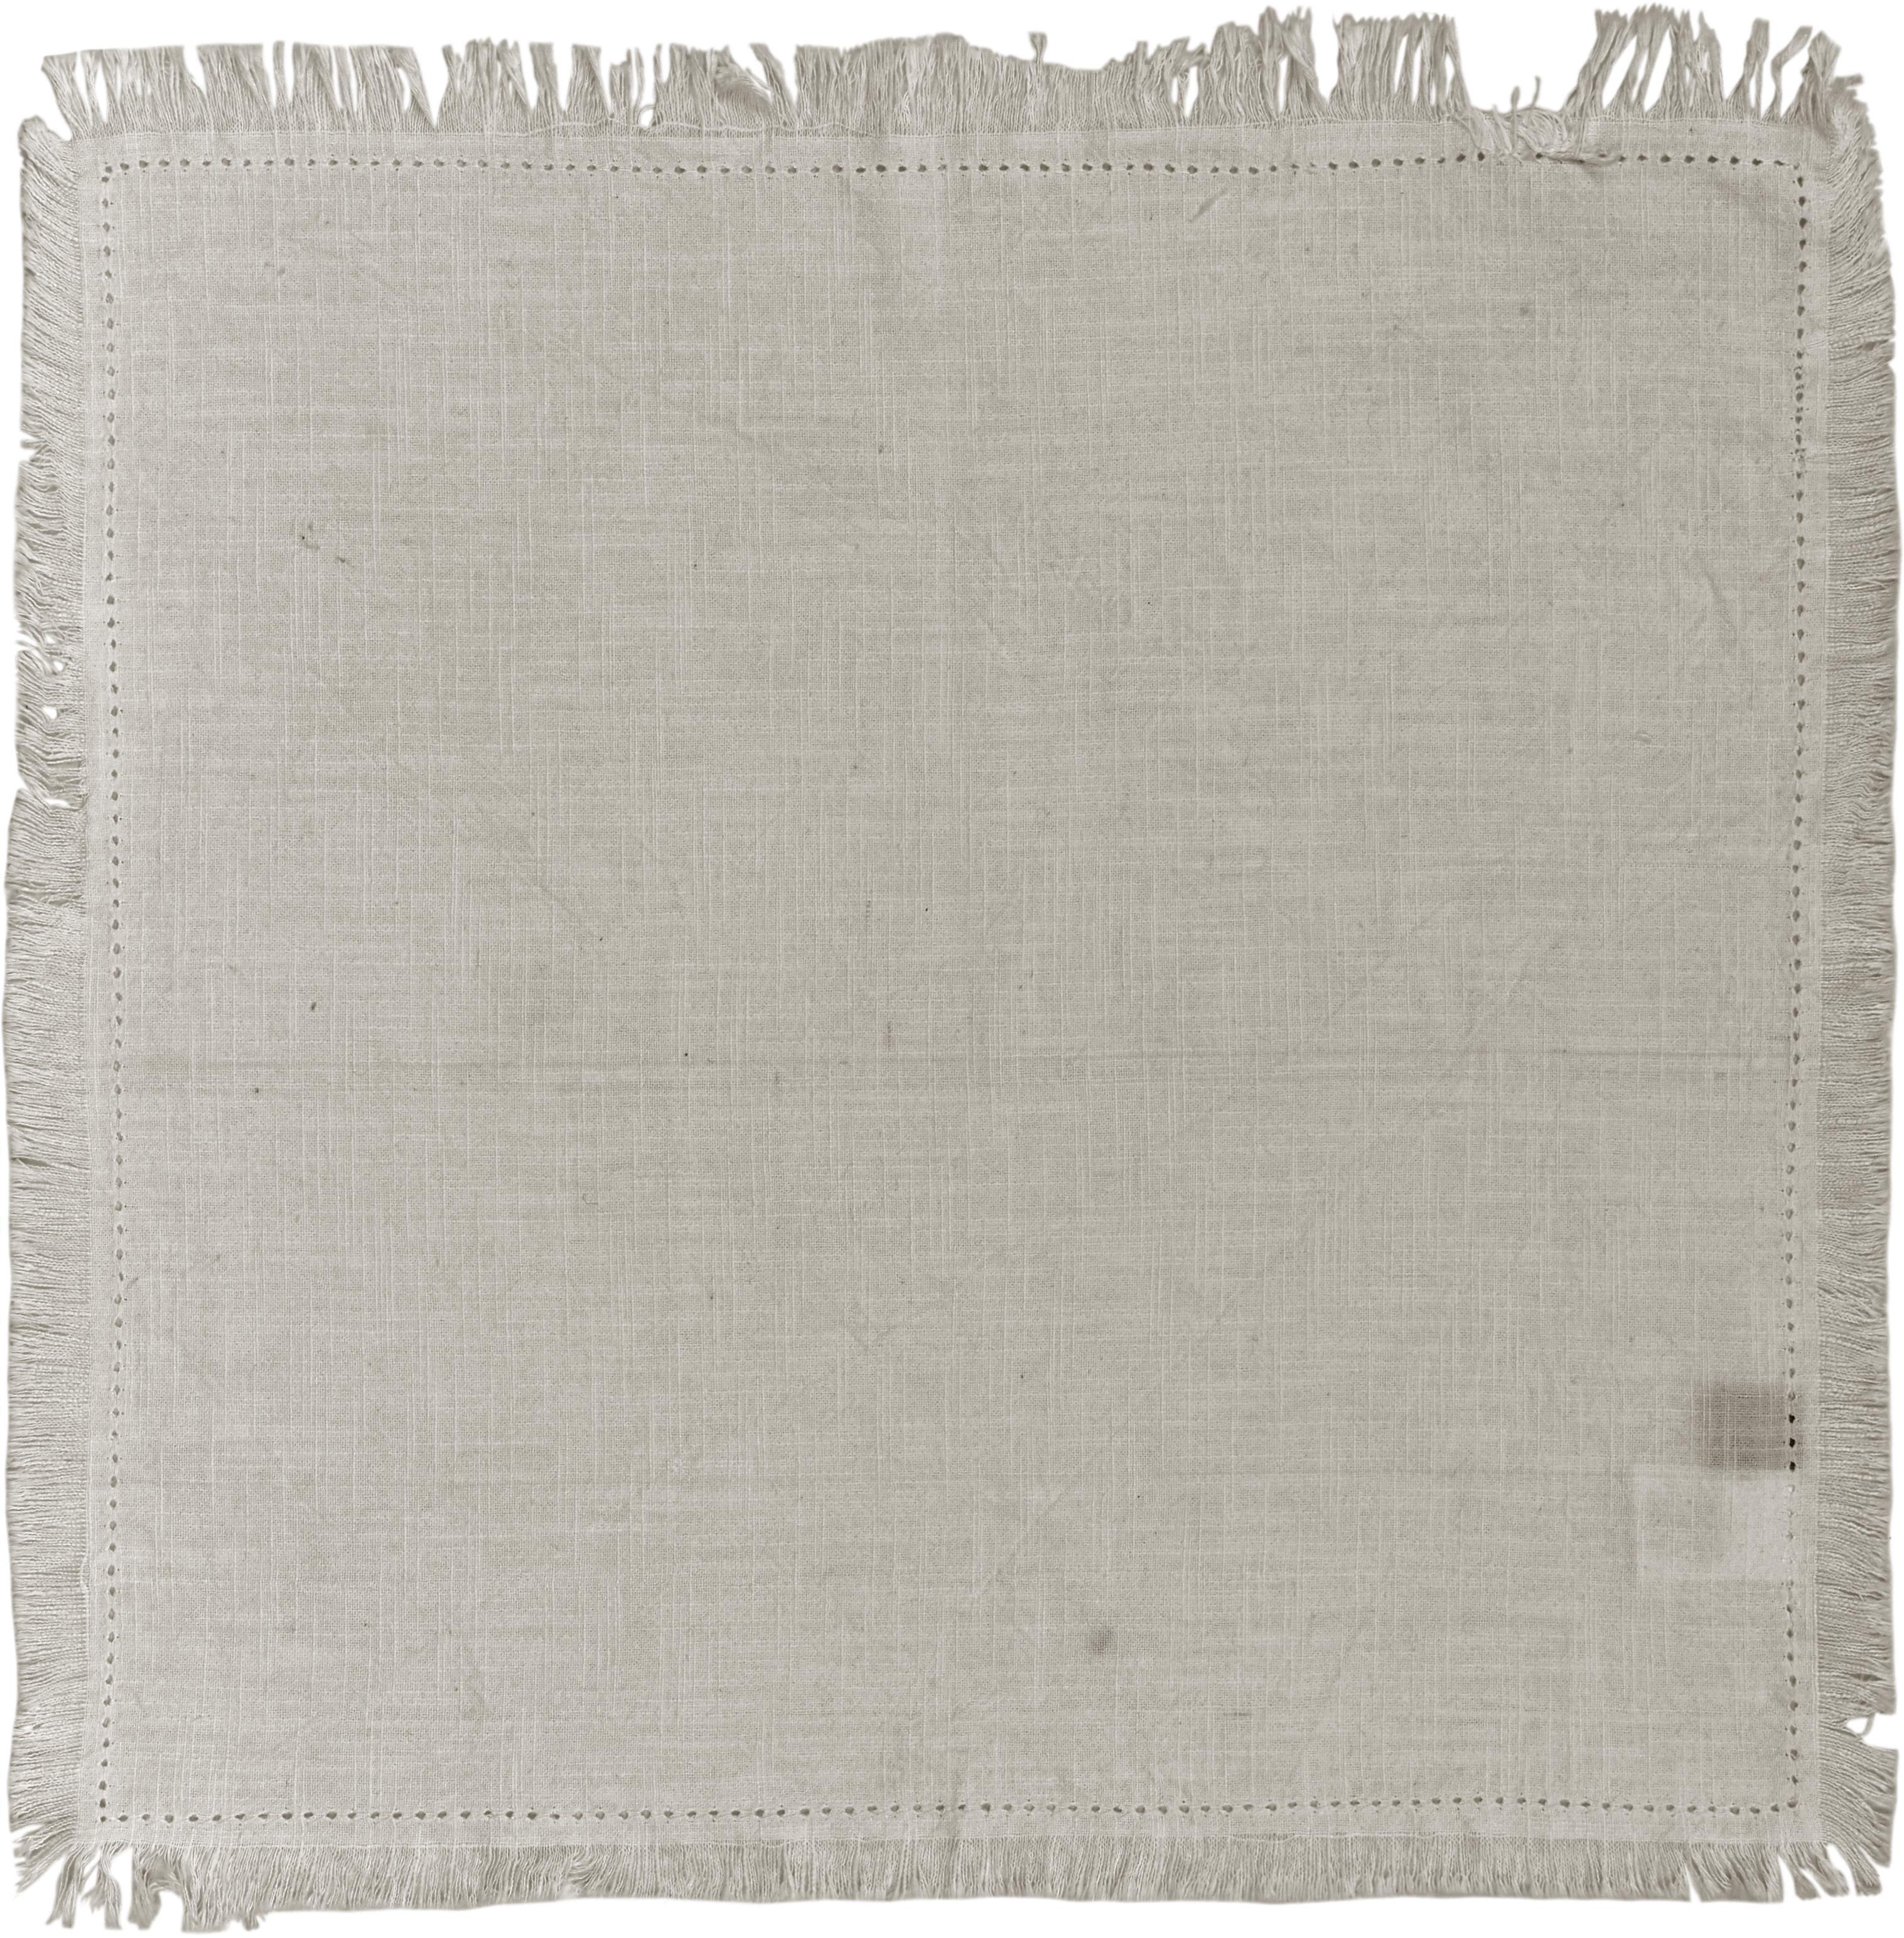 Serwetka z bawełny z frędzlami Hilma, 2 szt., 100% bawełna, Beżowy, S 45 x D 45 cm